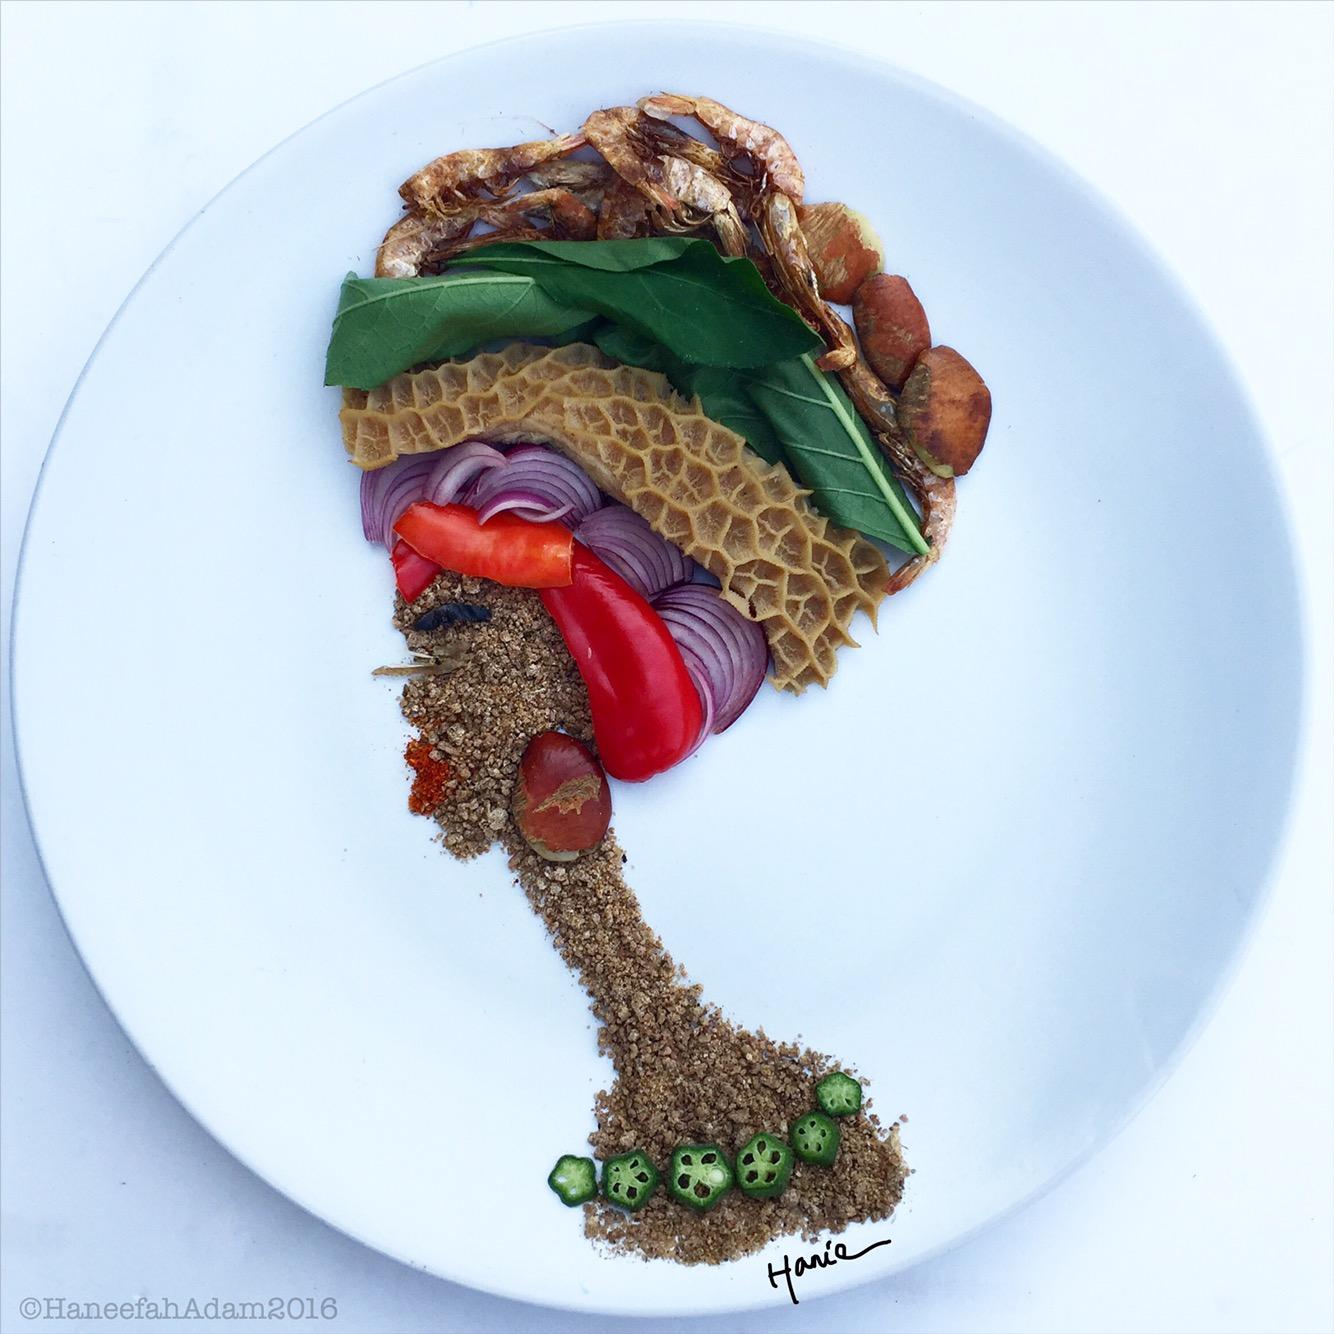 Haneefah Adams food art